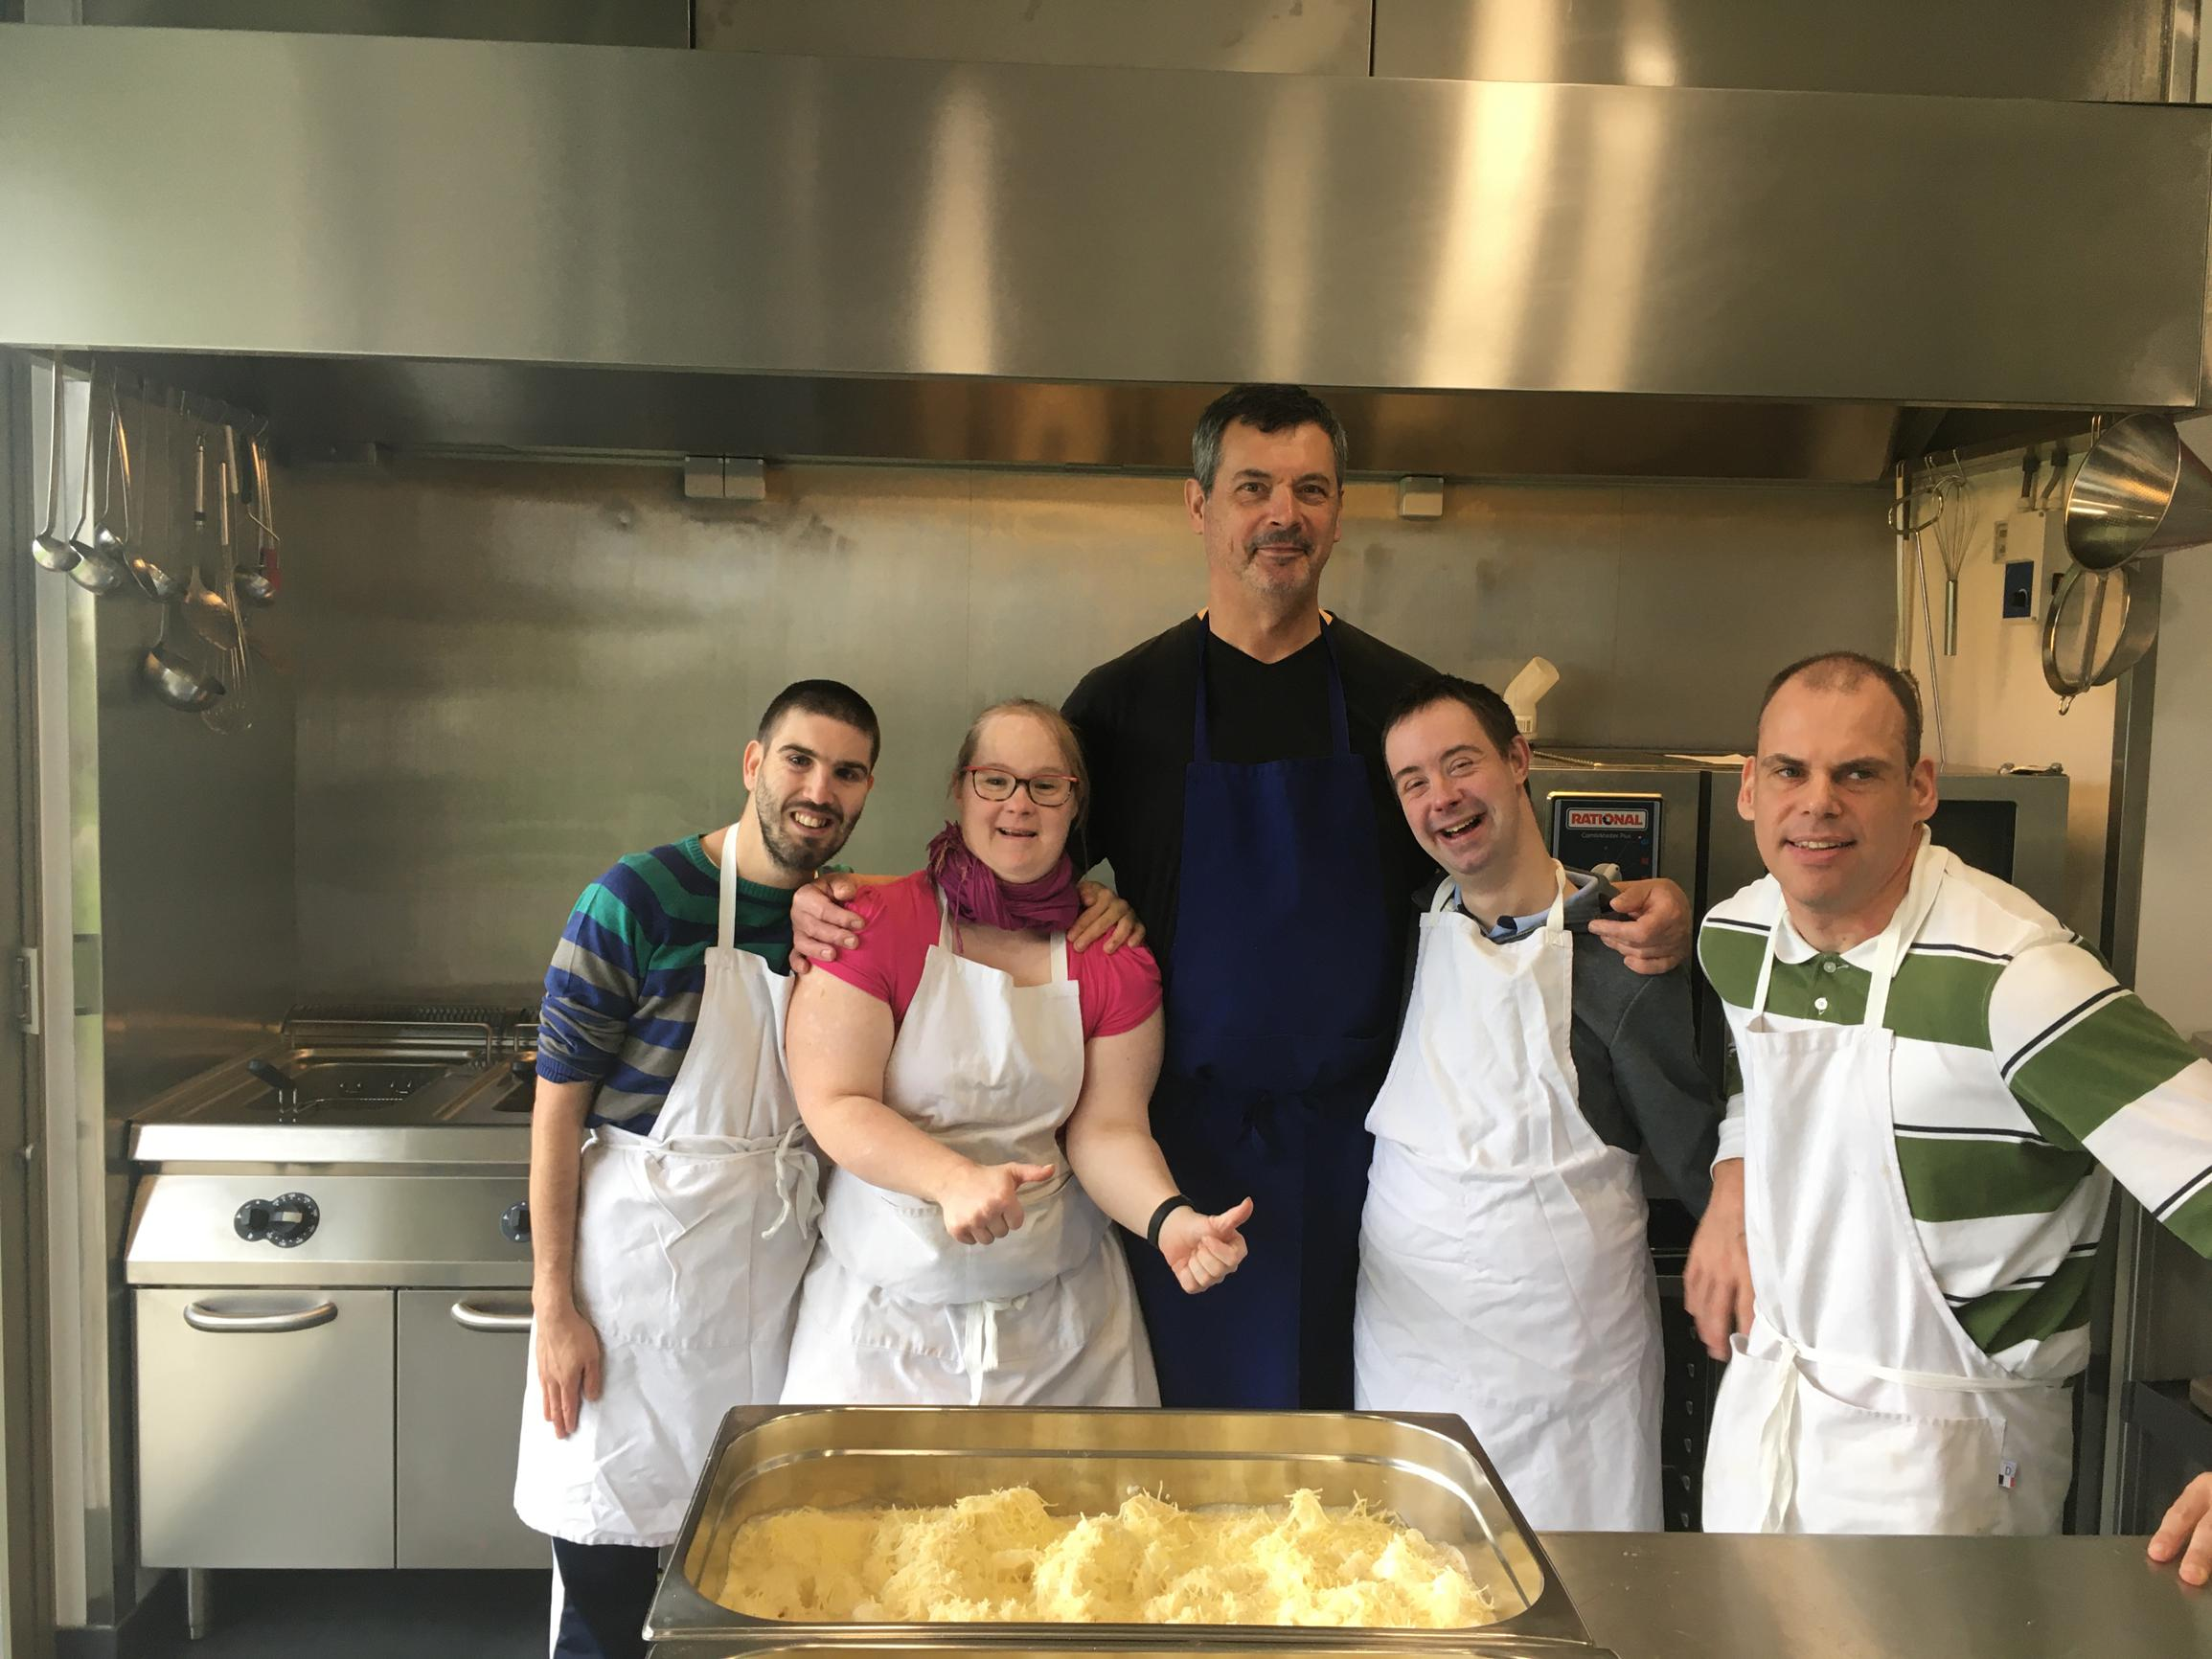 Druivenstreek werkt samen voor nieuwe keuken De Berken - Het Nieuwsblad